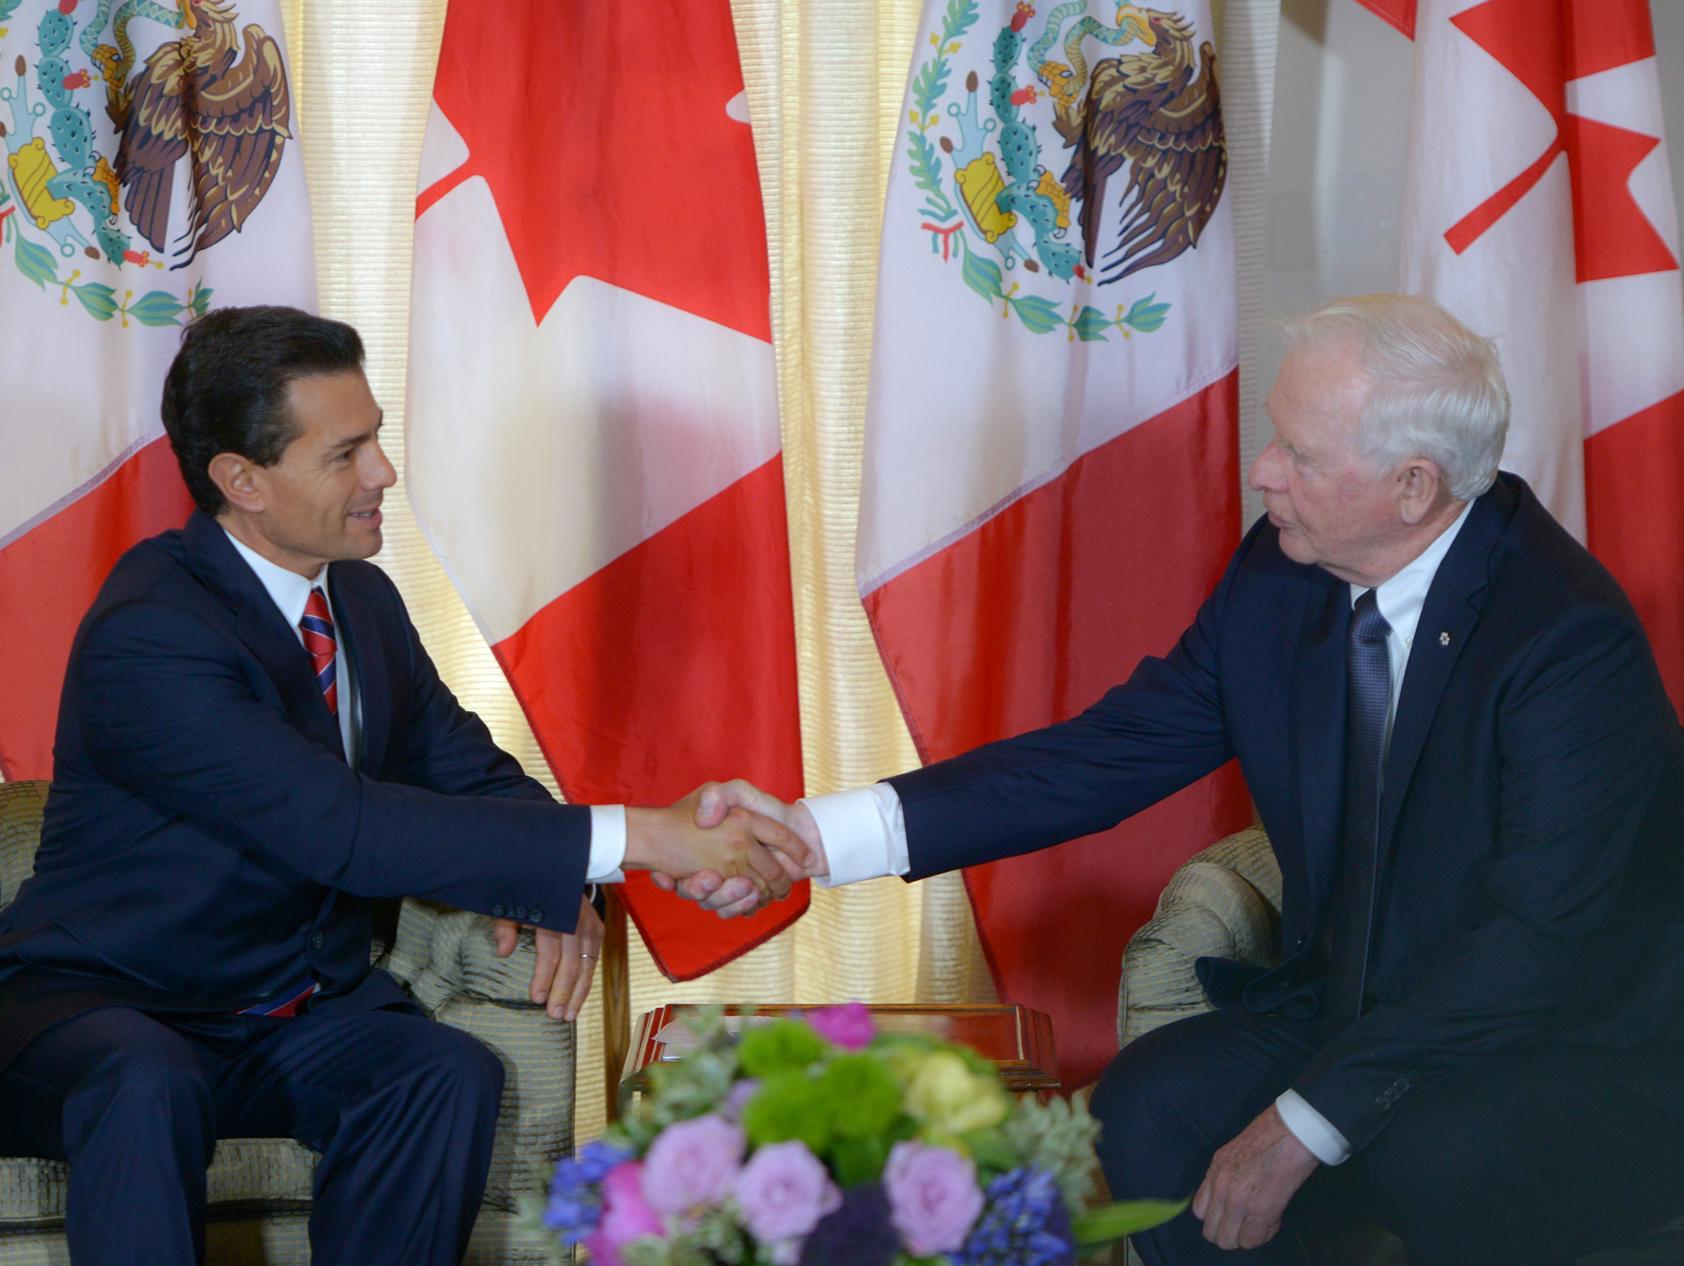 El Gobernador General de Canadá, David Johnston, recibe a el Presidente Enrique Peña Nieto, en la ciudad de Quebec, Canadá.